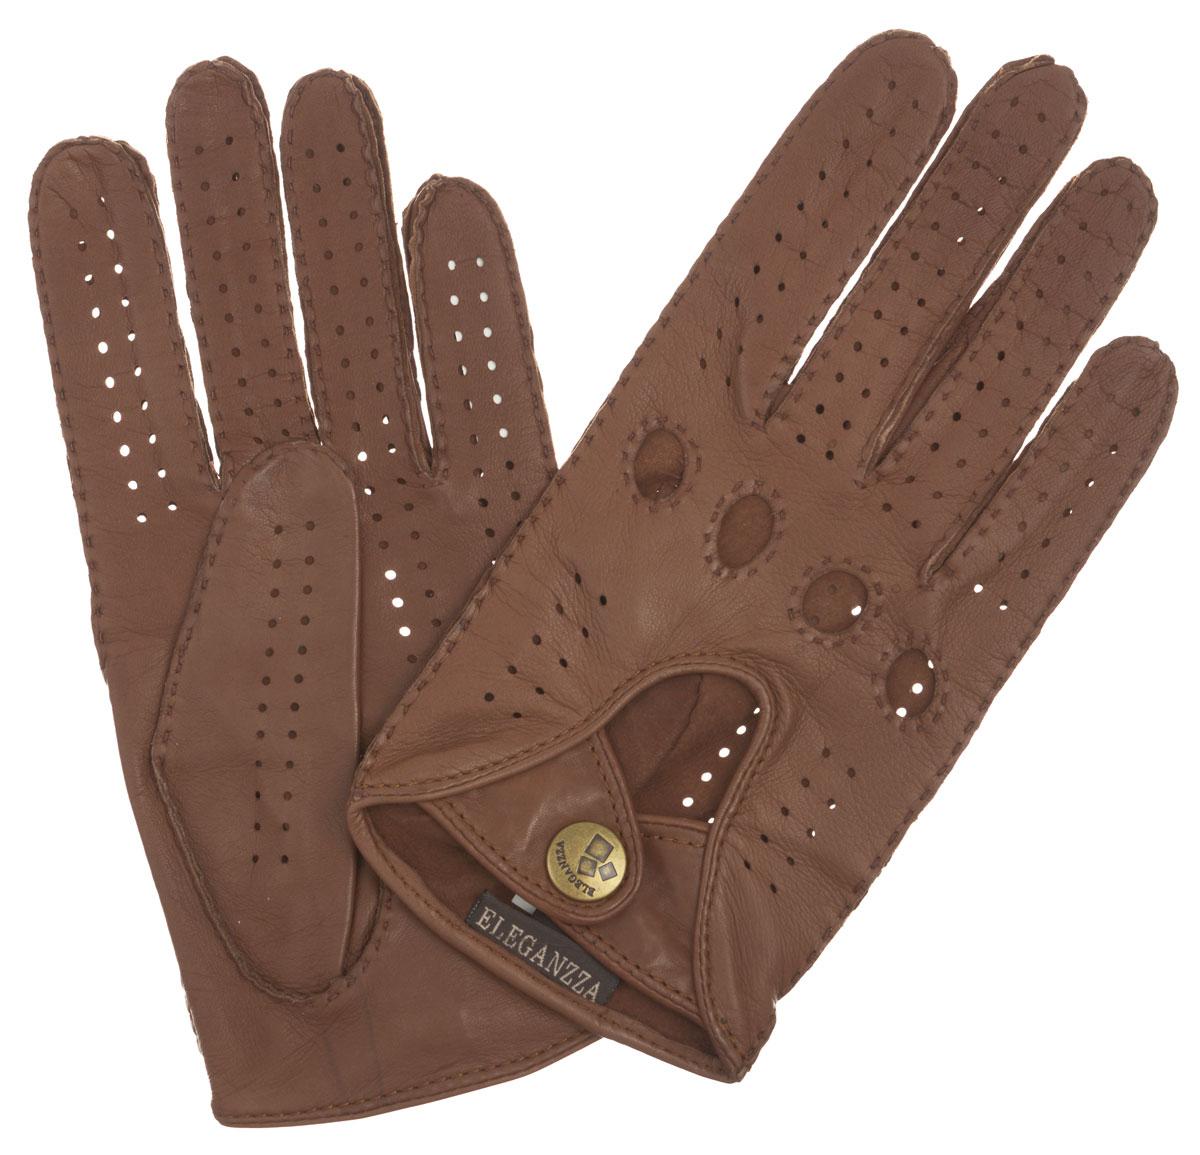 Перчатки женские. HS011WHS011WСтильные женские перчатки Eleganzza помогут правильно расставить модные акценты в вашем образе. Они выполнены из мягкой и приятной на ощупь кожи. Модель декорирована перфорацией на лицевой и ладонной стороне, вырезами под косточки пальцев. На лицевой стороне декоративный вырез и два ремешка на кнопке. Такие перчатки станут идеальным аксессуаром, дополняющим ваш стиль и неповторимость.